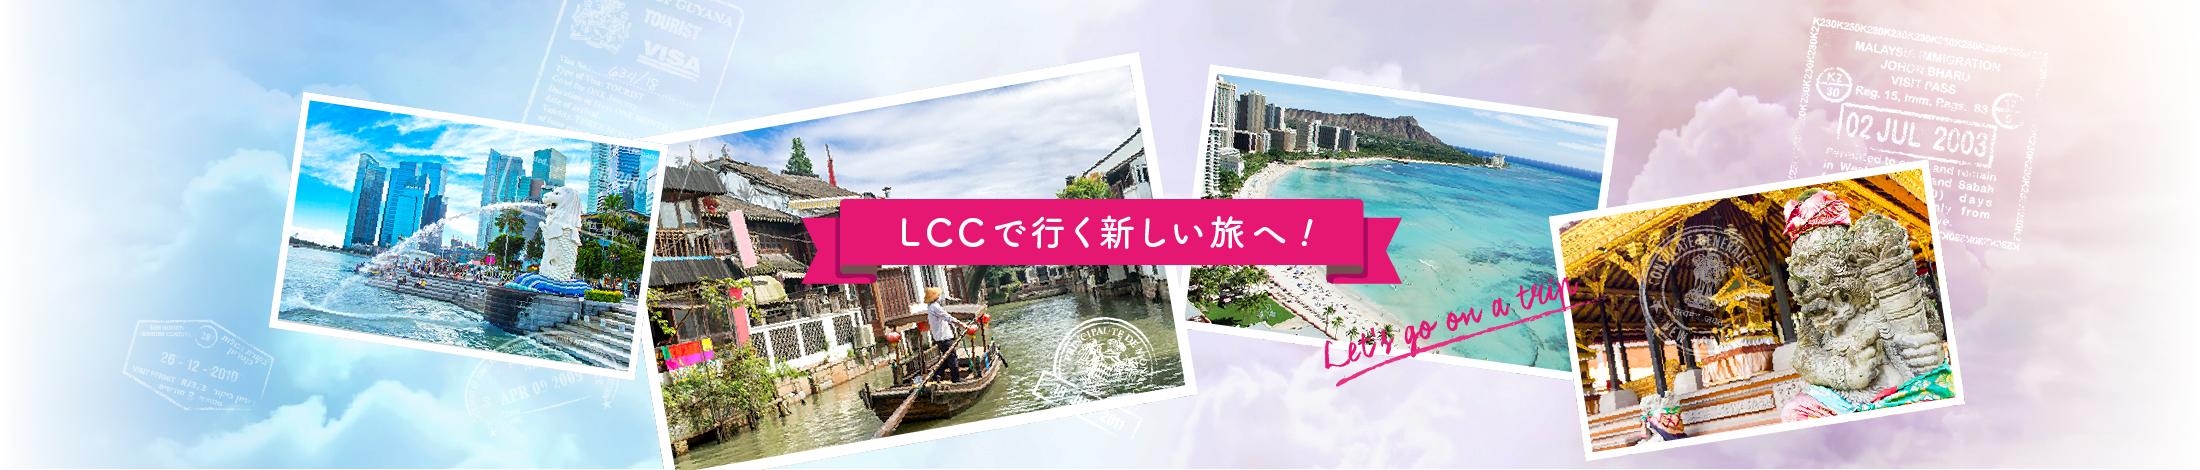 LCCが創る新しい旅!